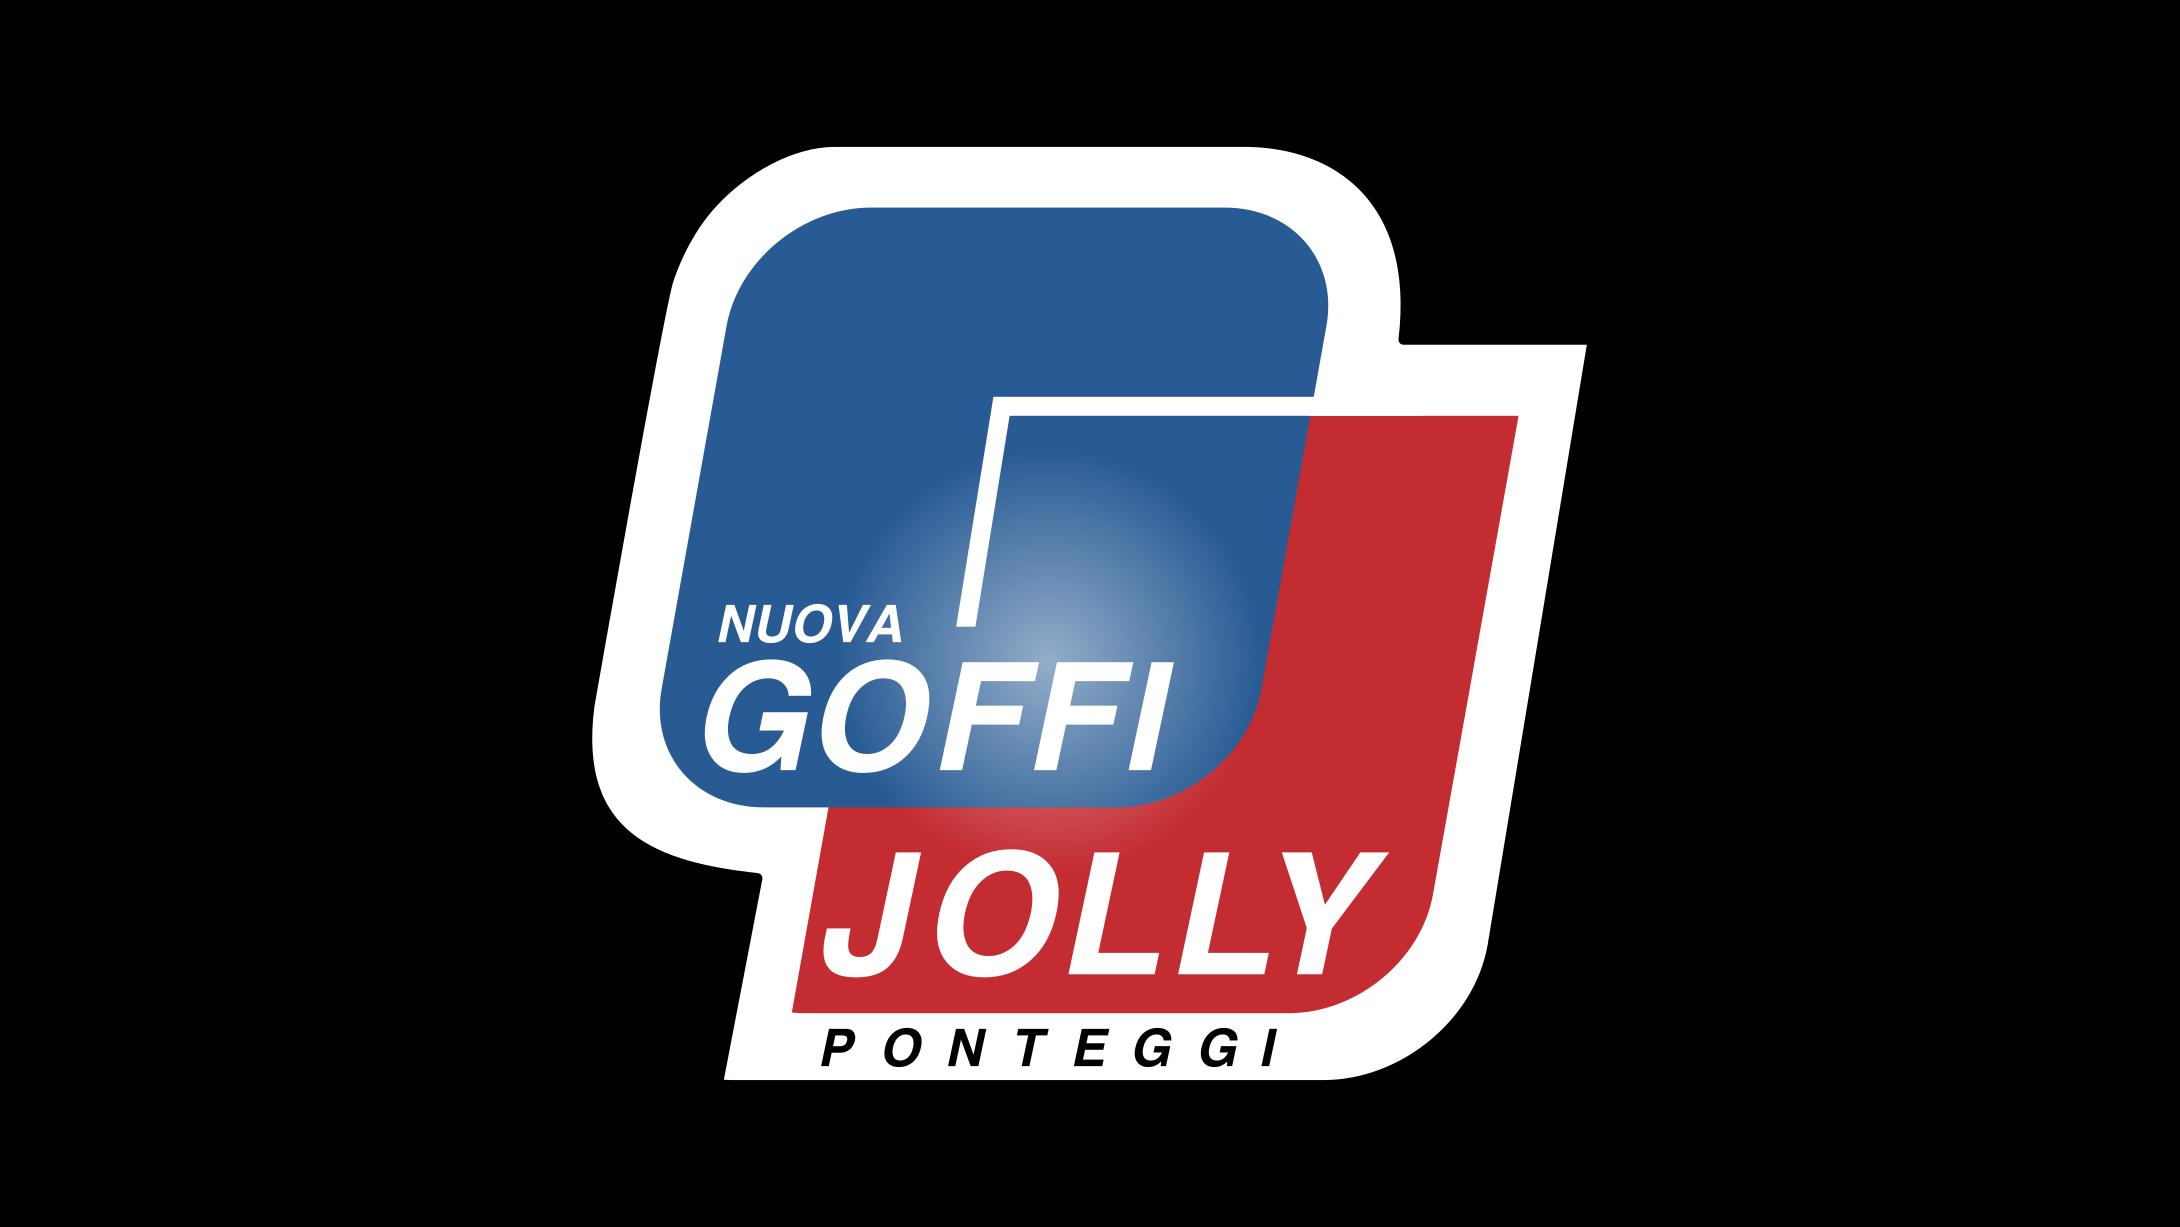 GBM - Evoluzione del logo - Logo Azienda Goffi